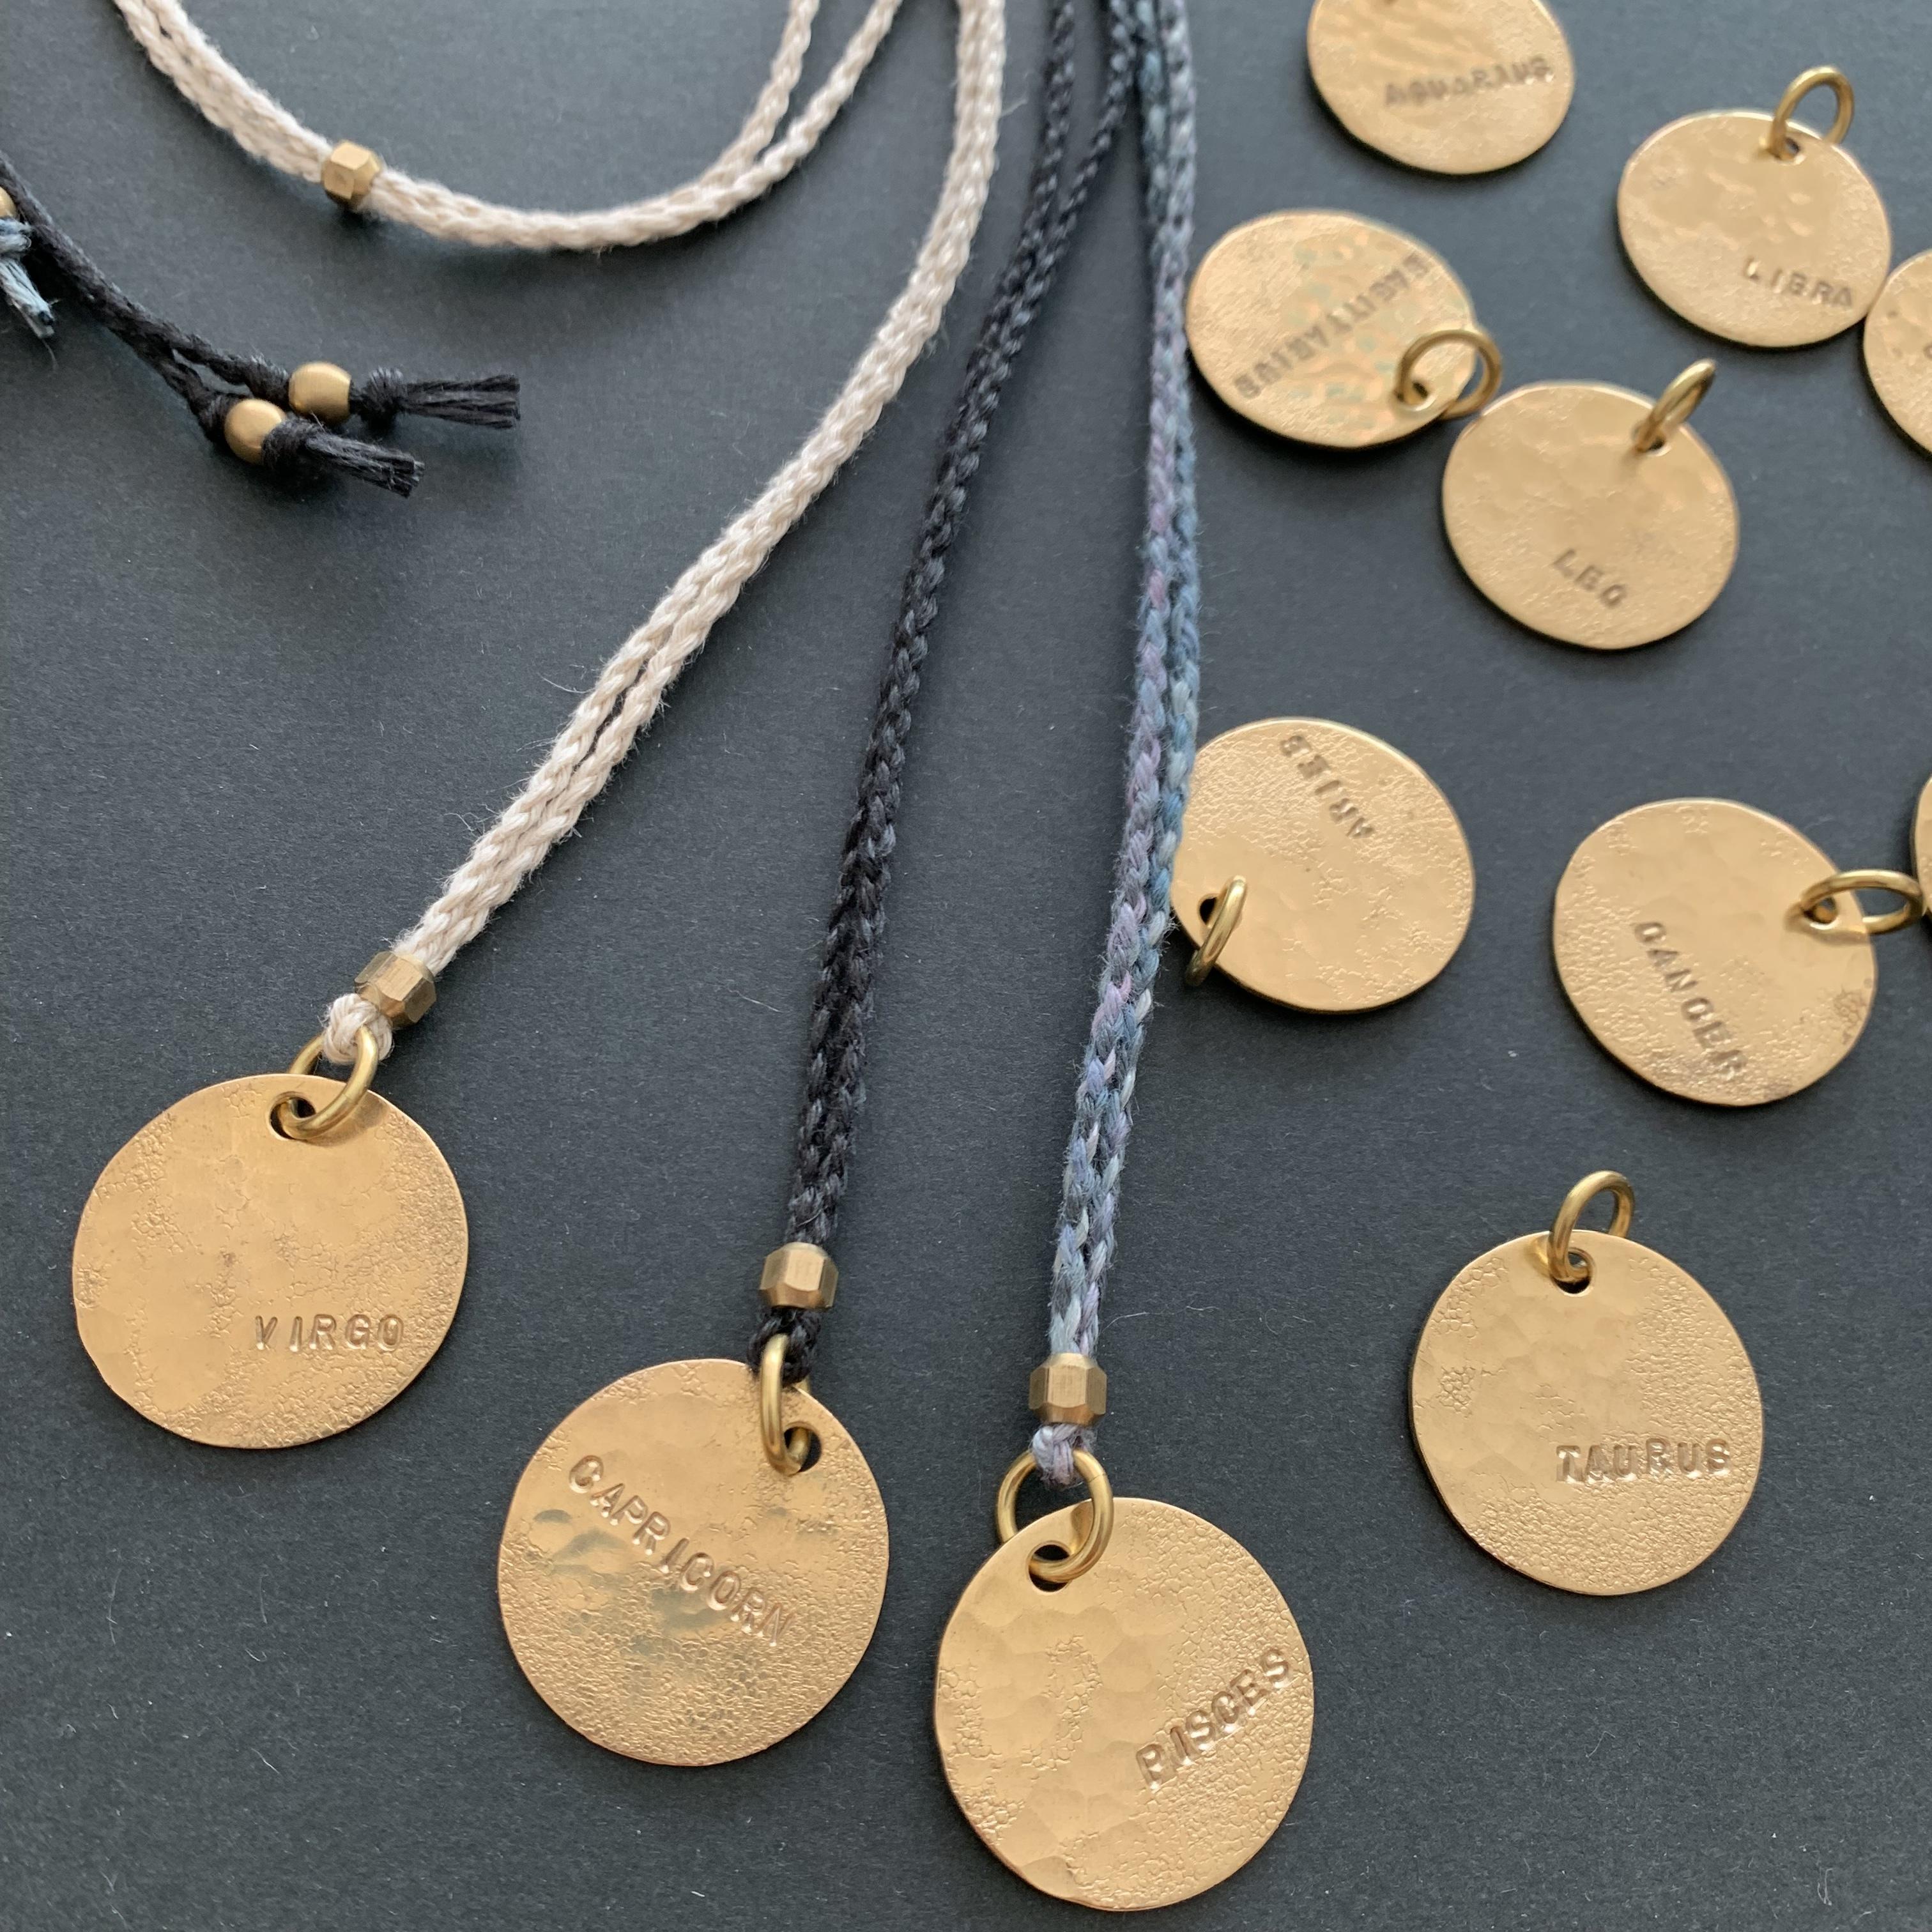 真鍮のペンダント・星座シリーズ+ネックレスが作れる材料セット(種類を選んでください)ネコポス発送可能